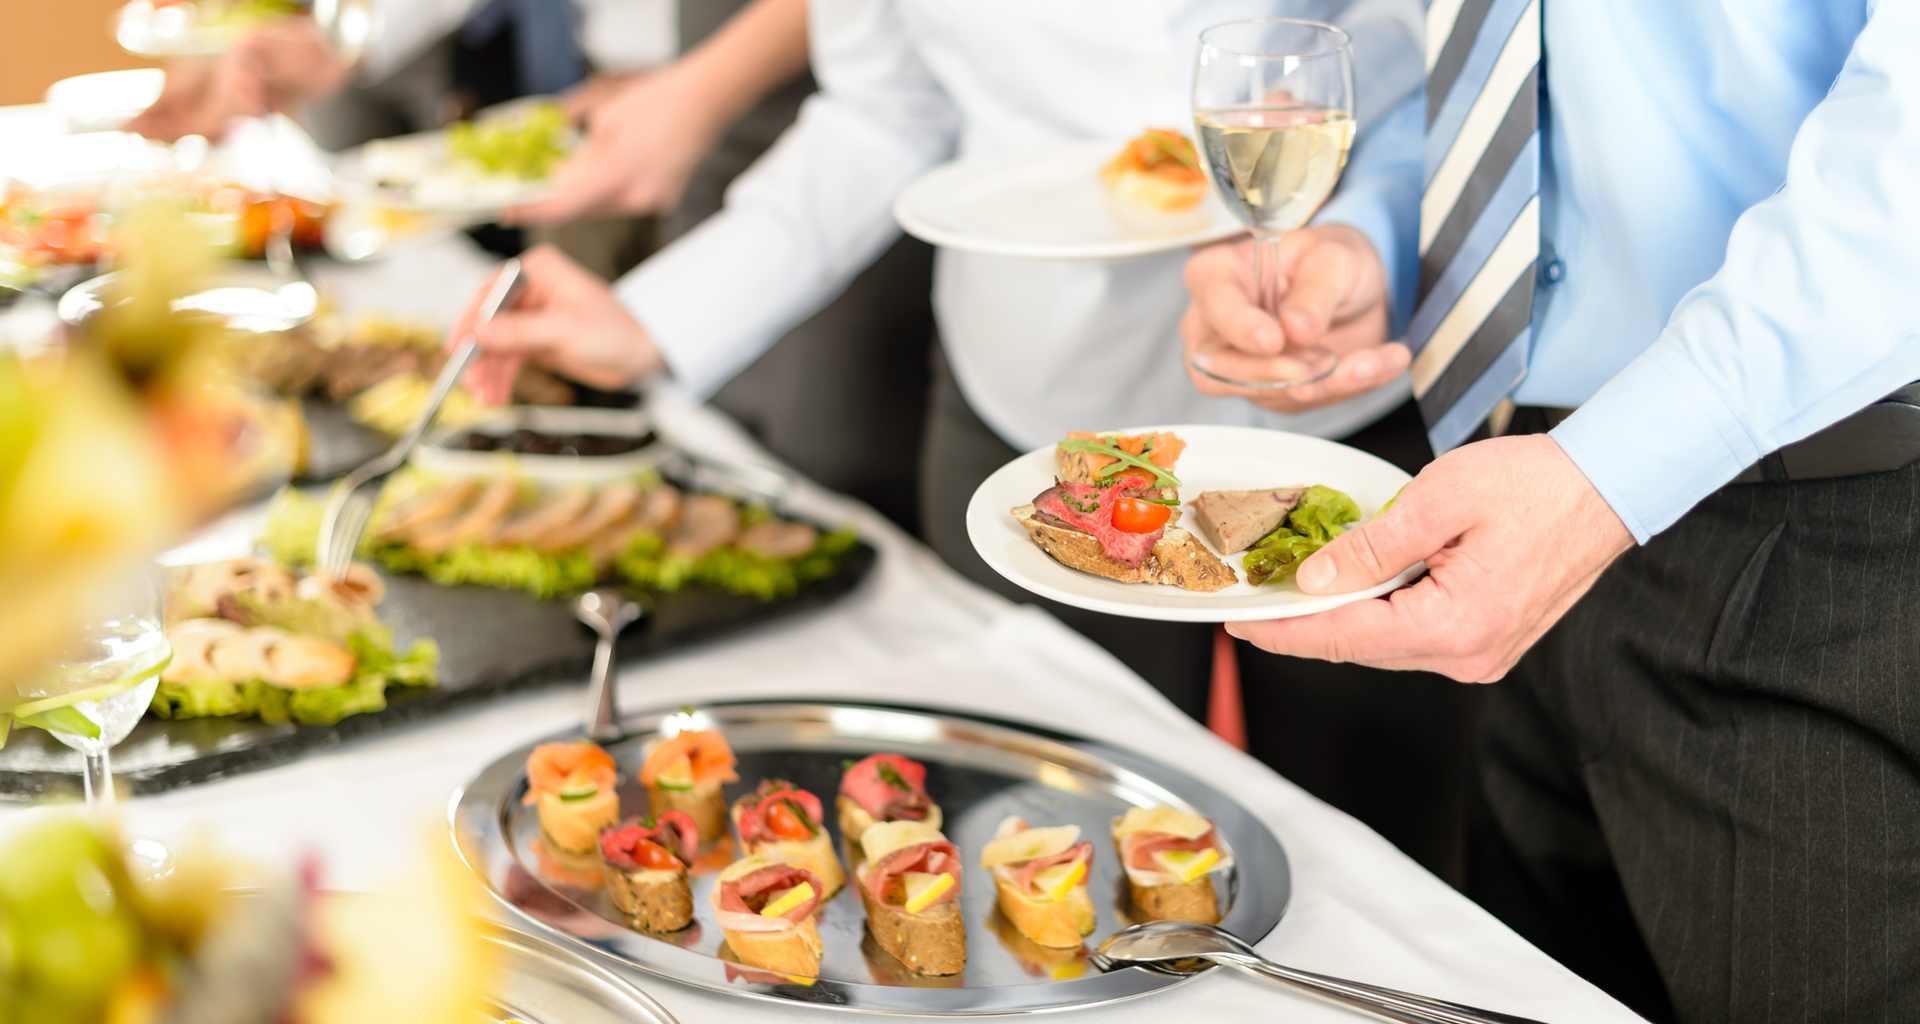 Vegetarijanski / veganski catering: Kranj in okolica | najboljši ponudniki cateringa